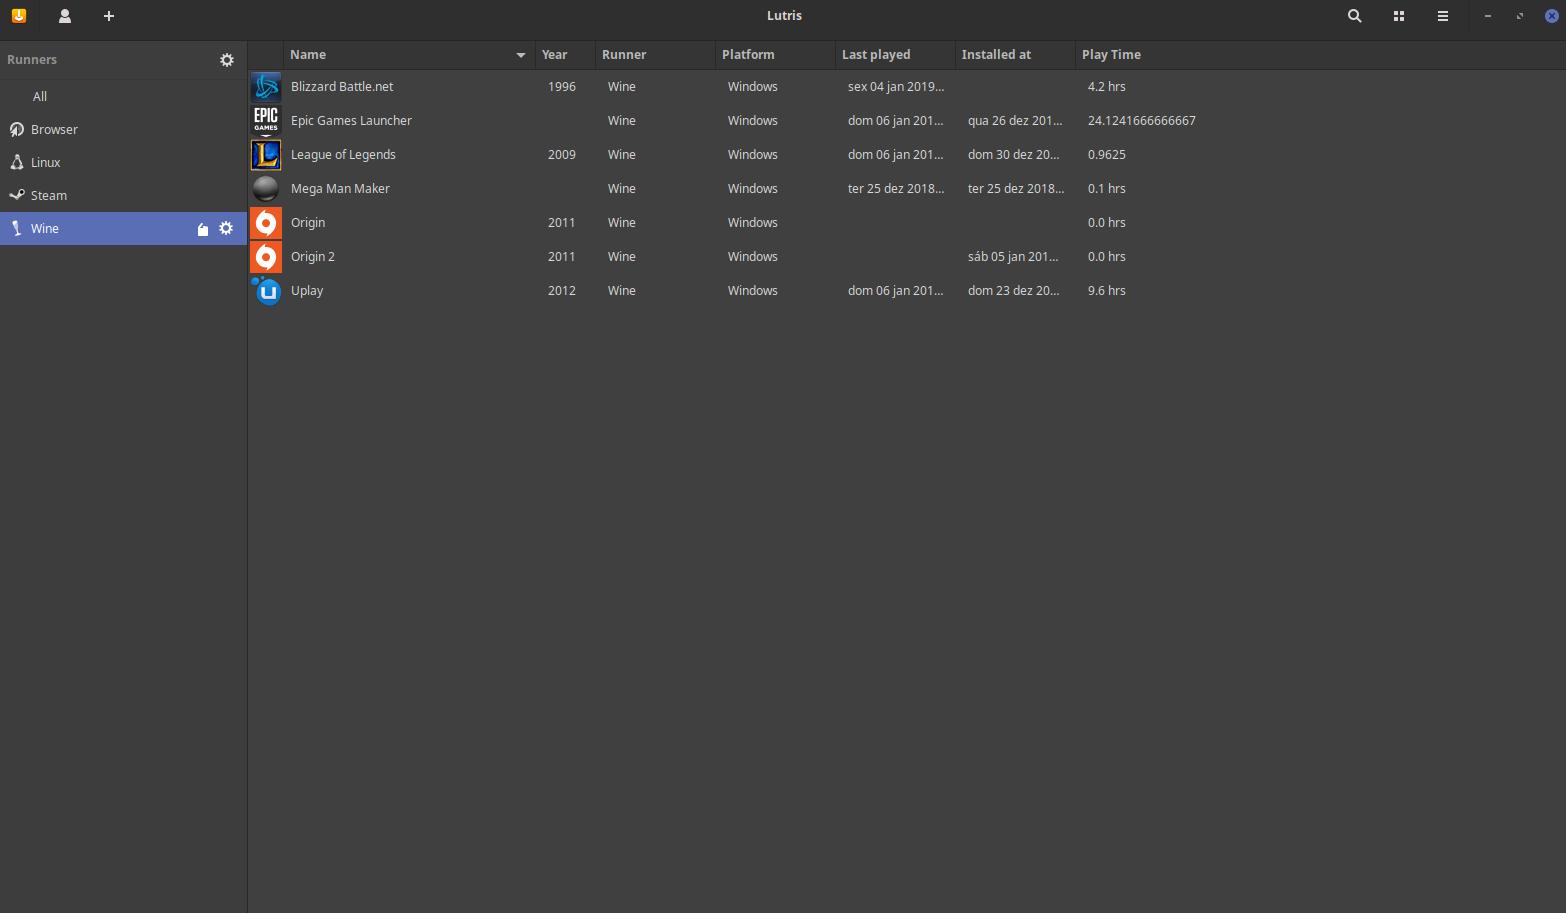 Novo Lutris 0 5 Beta chega com integração com GOG e muitas